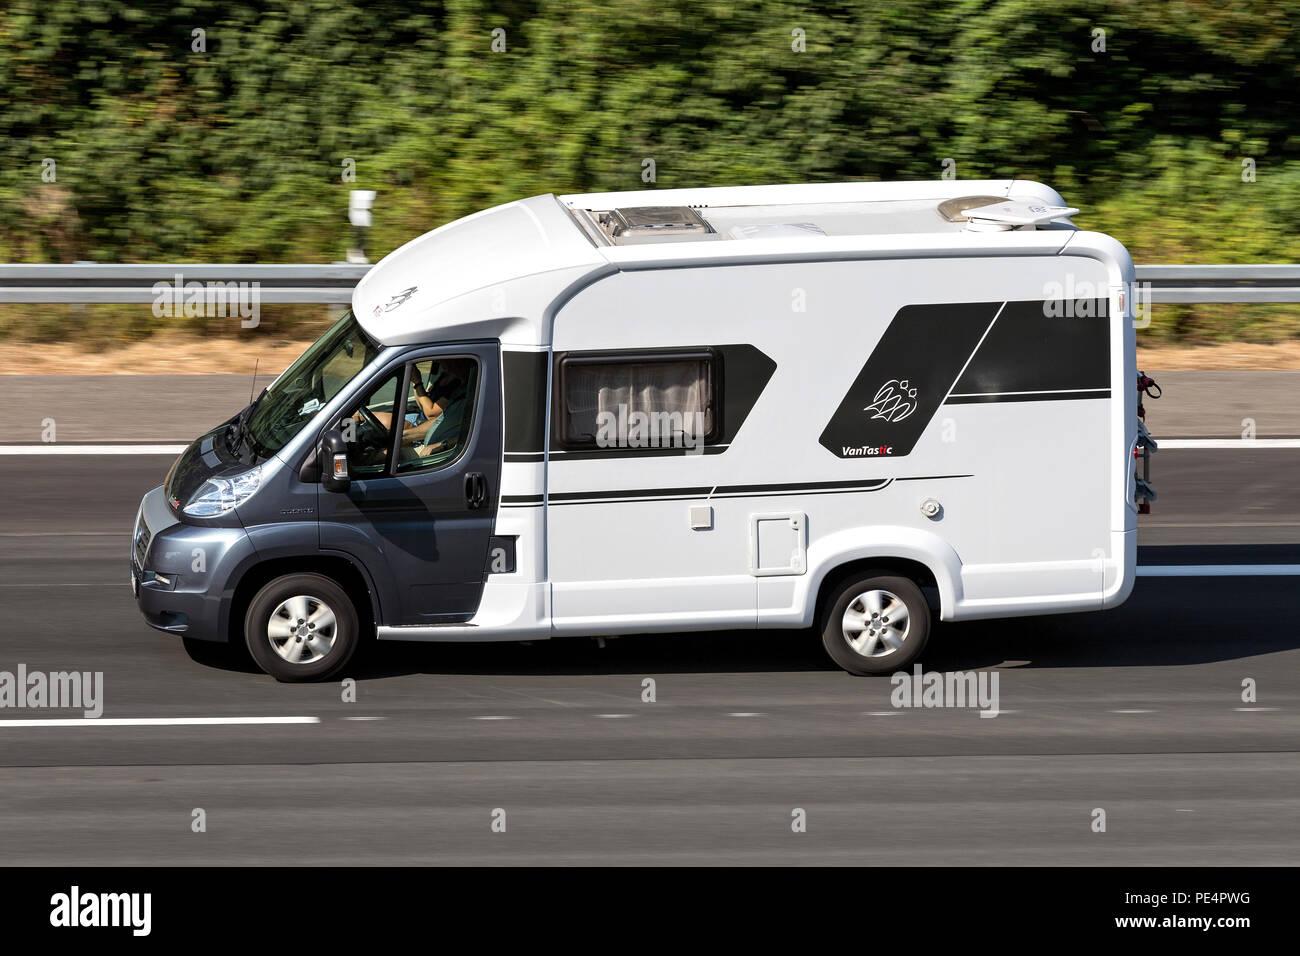 Knaus Vantastic Camper Auf Der Autobahn Knaus Tabbert Ist Einer Der